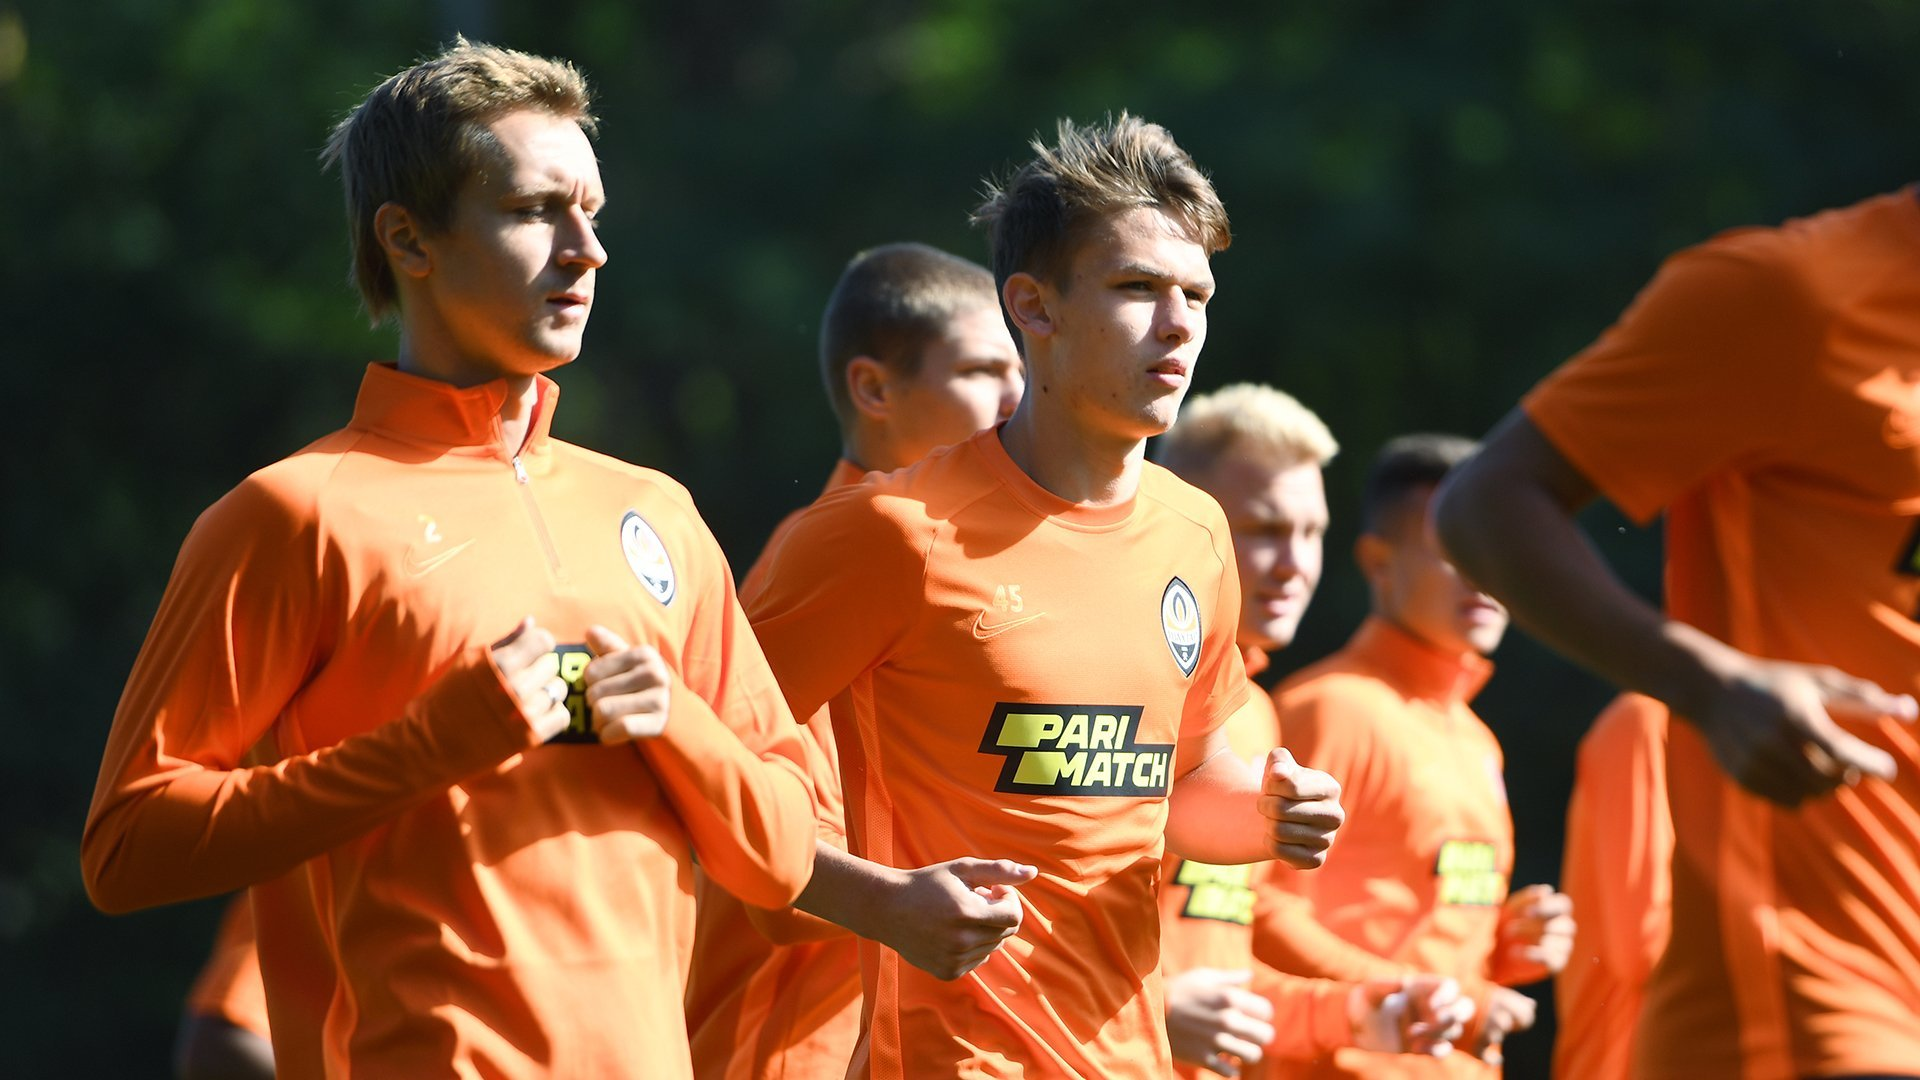 """Возвращение Каштру, Тайсон в шлеме и пятка Коно: """"Шахтер"""" готовится к """"Манчестер Сити"""" - изображение 19"""